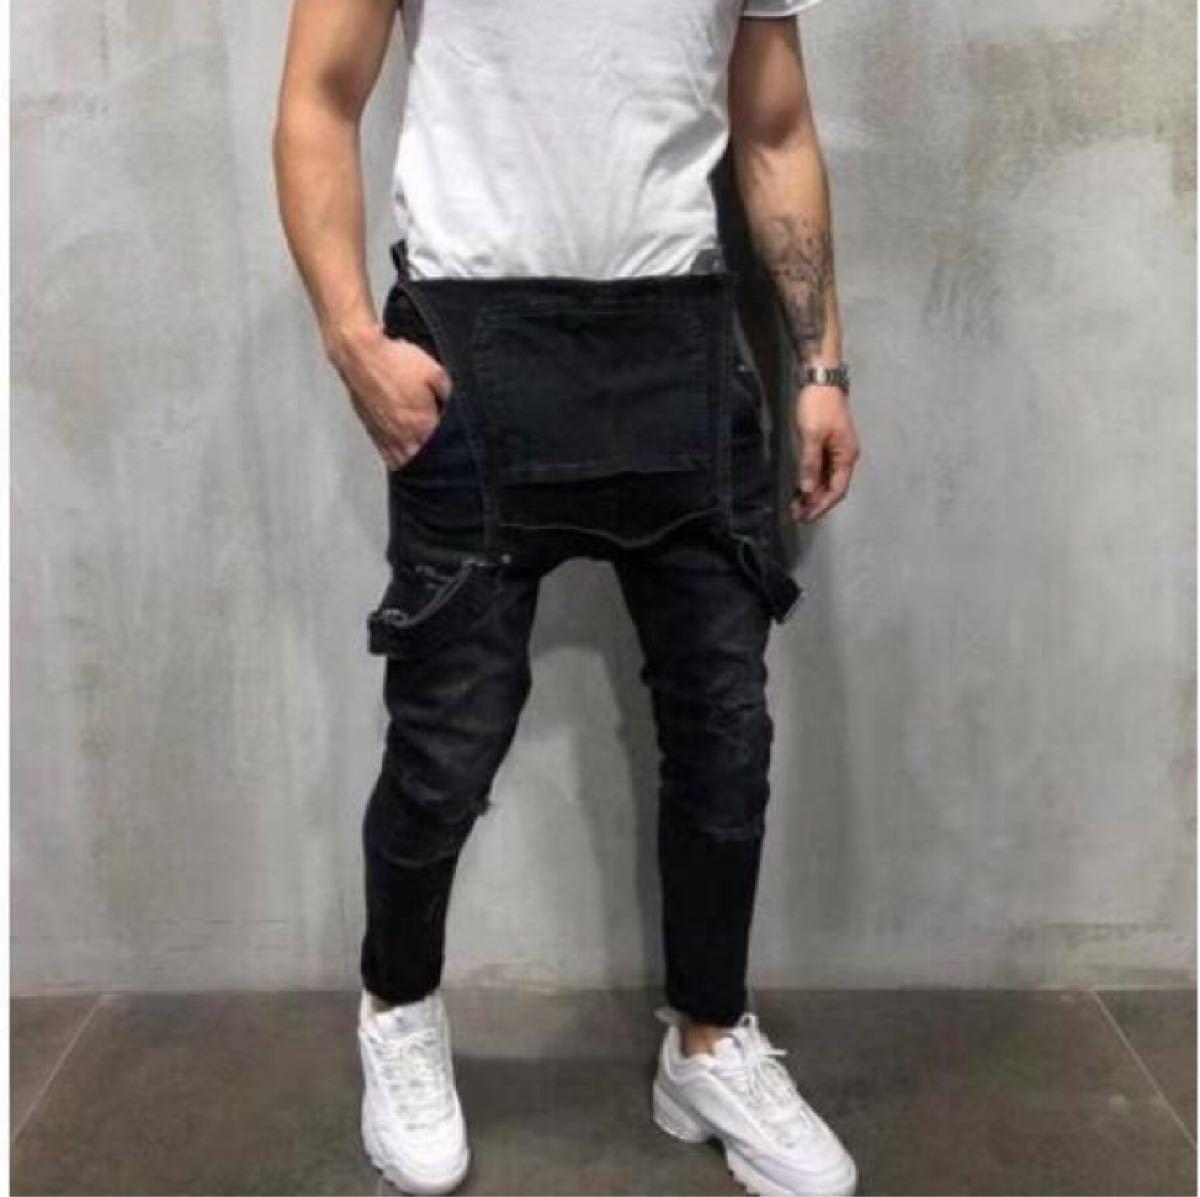 デニム サロペット オーバーオール ジーンズ オールインワン デニムパンツ ペインターパンツ メンズ M L 黒 ブラック